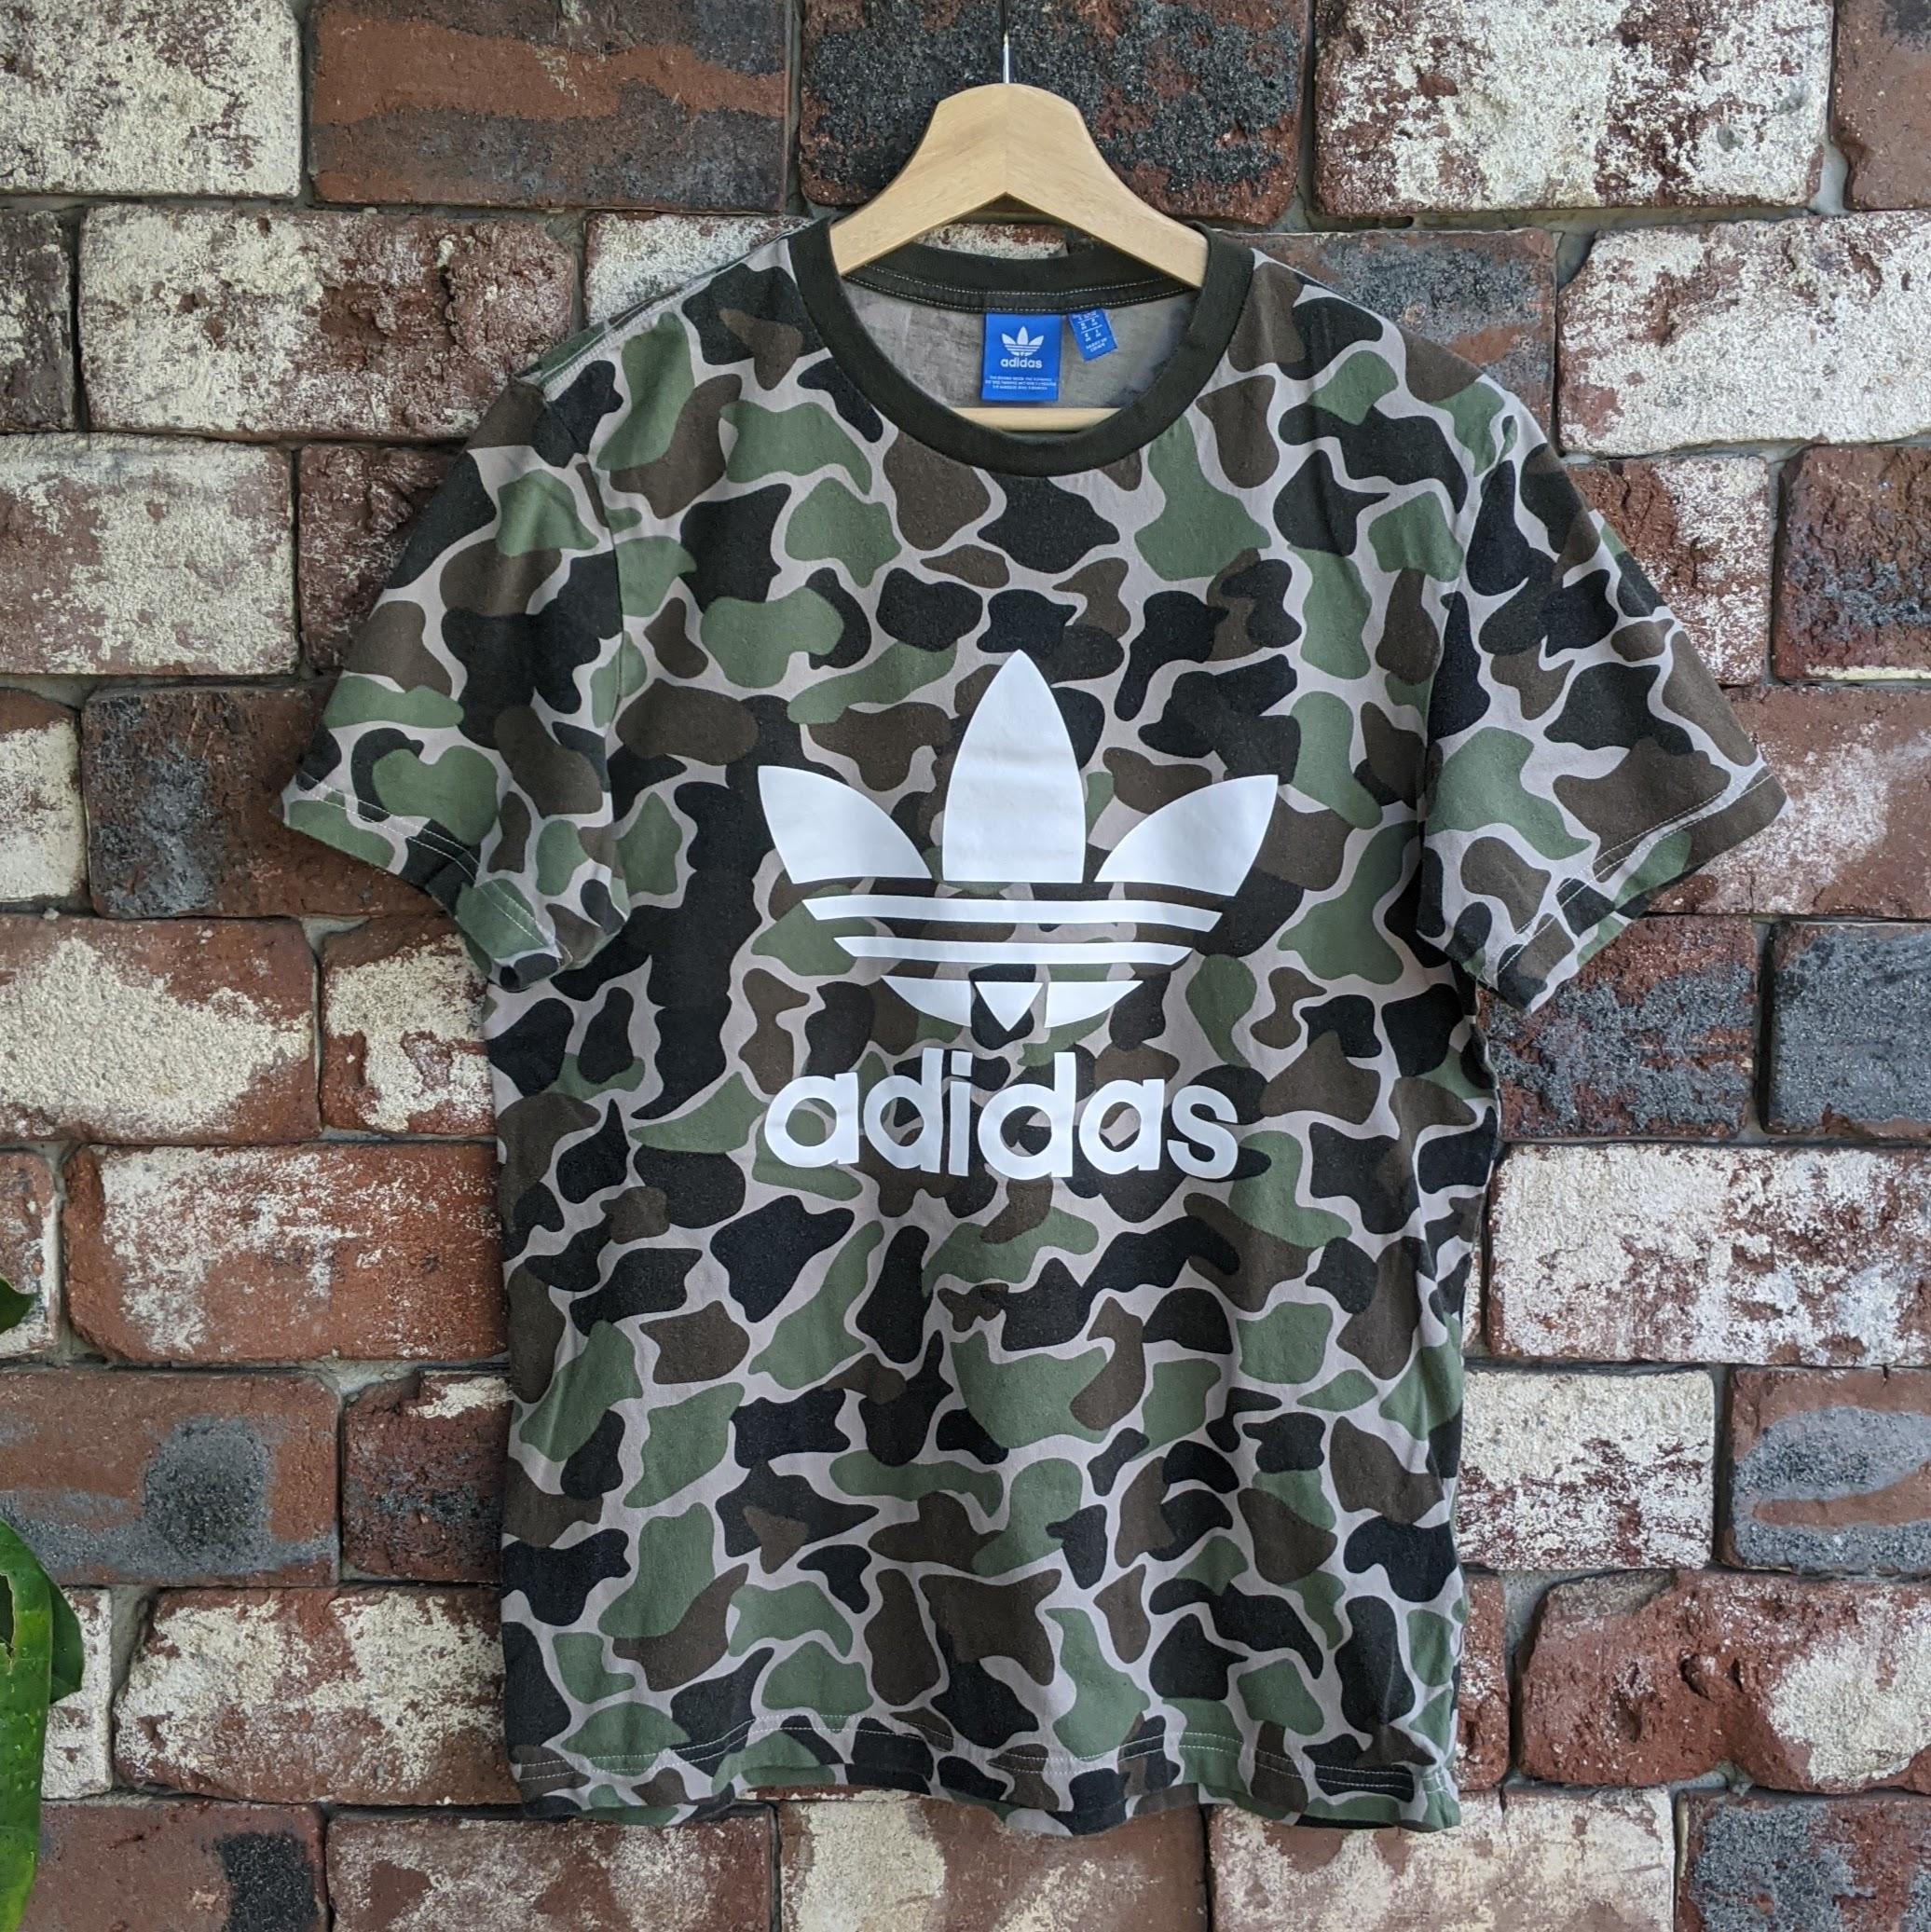 Adidas Adidas camouflage logo t-shirt